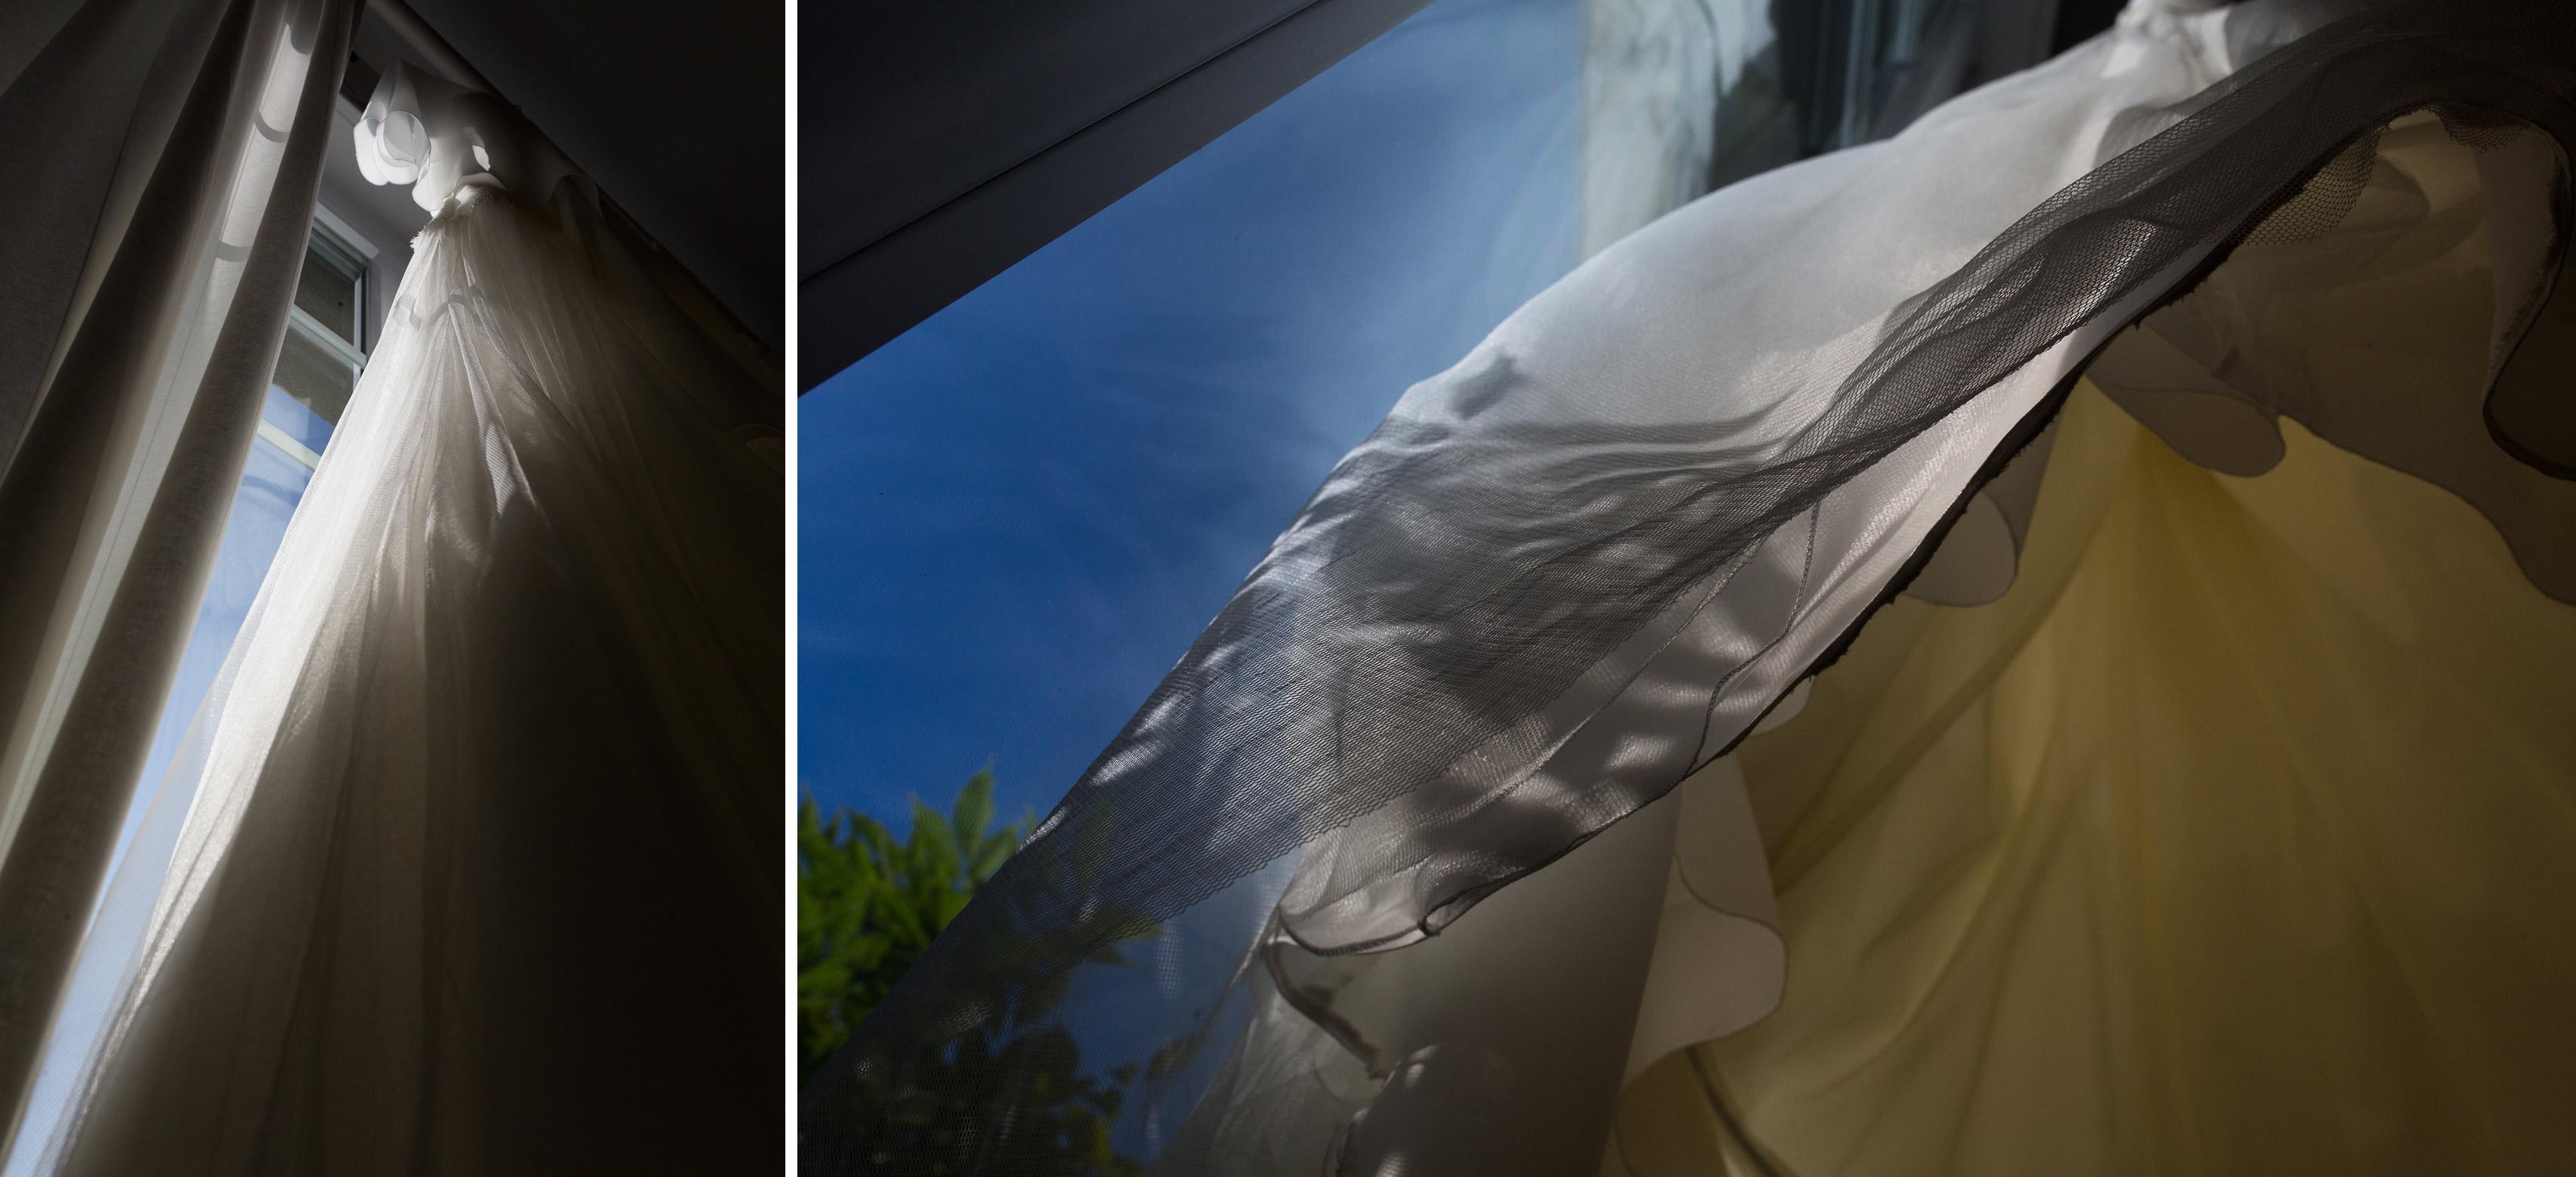 Hotel Royal Saint Mart Royat Clermont Ferrand Robe de la mariée